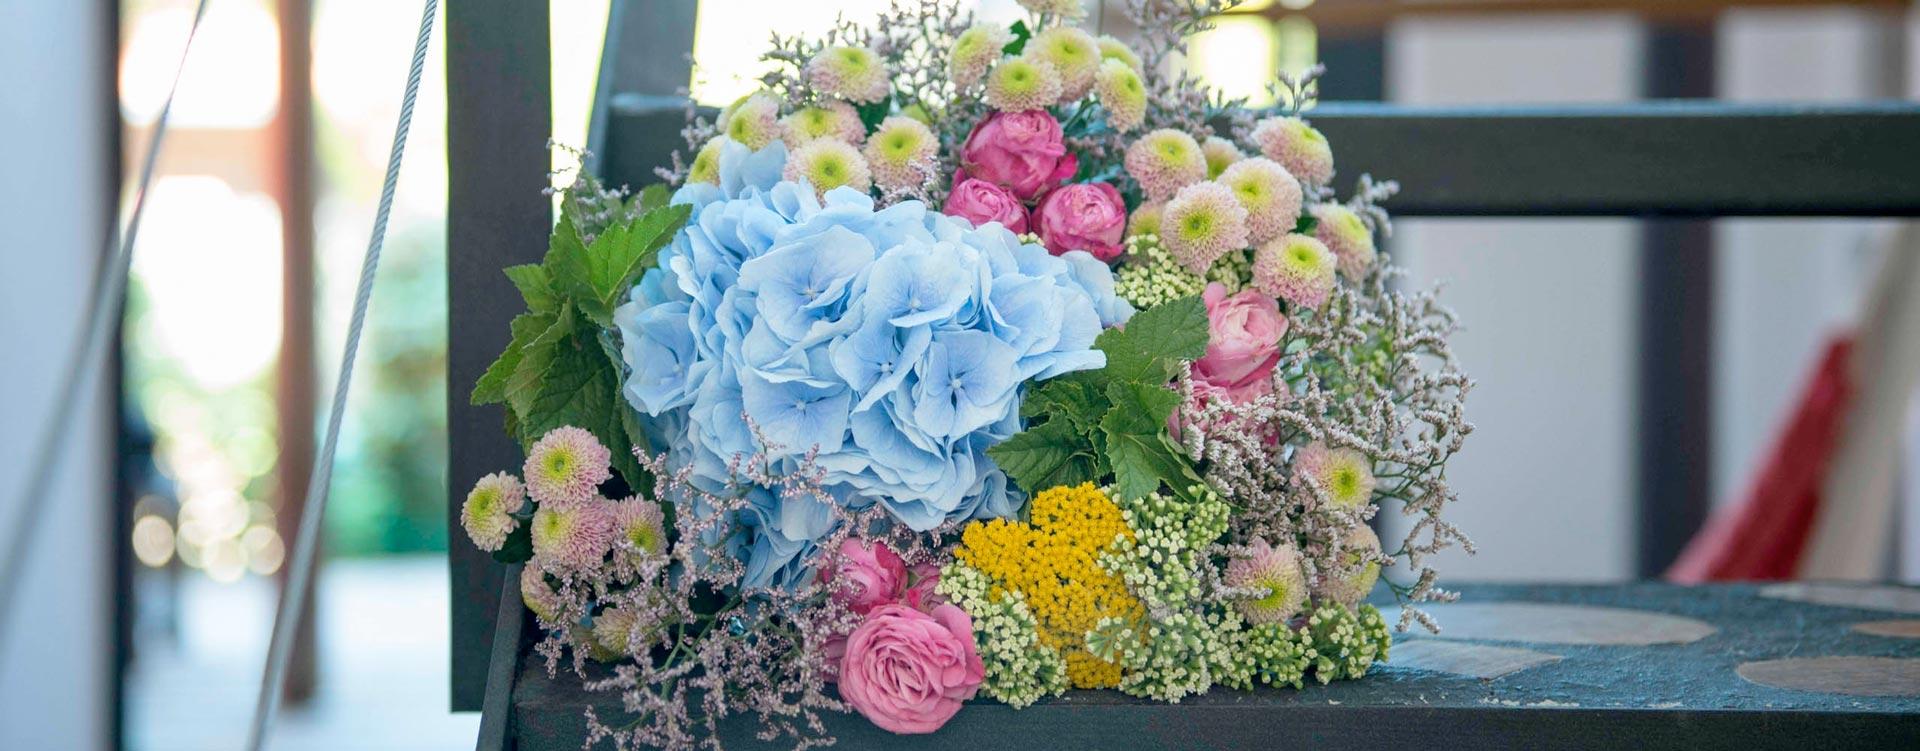 bouquet monsieur marguerite